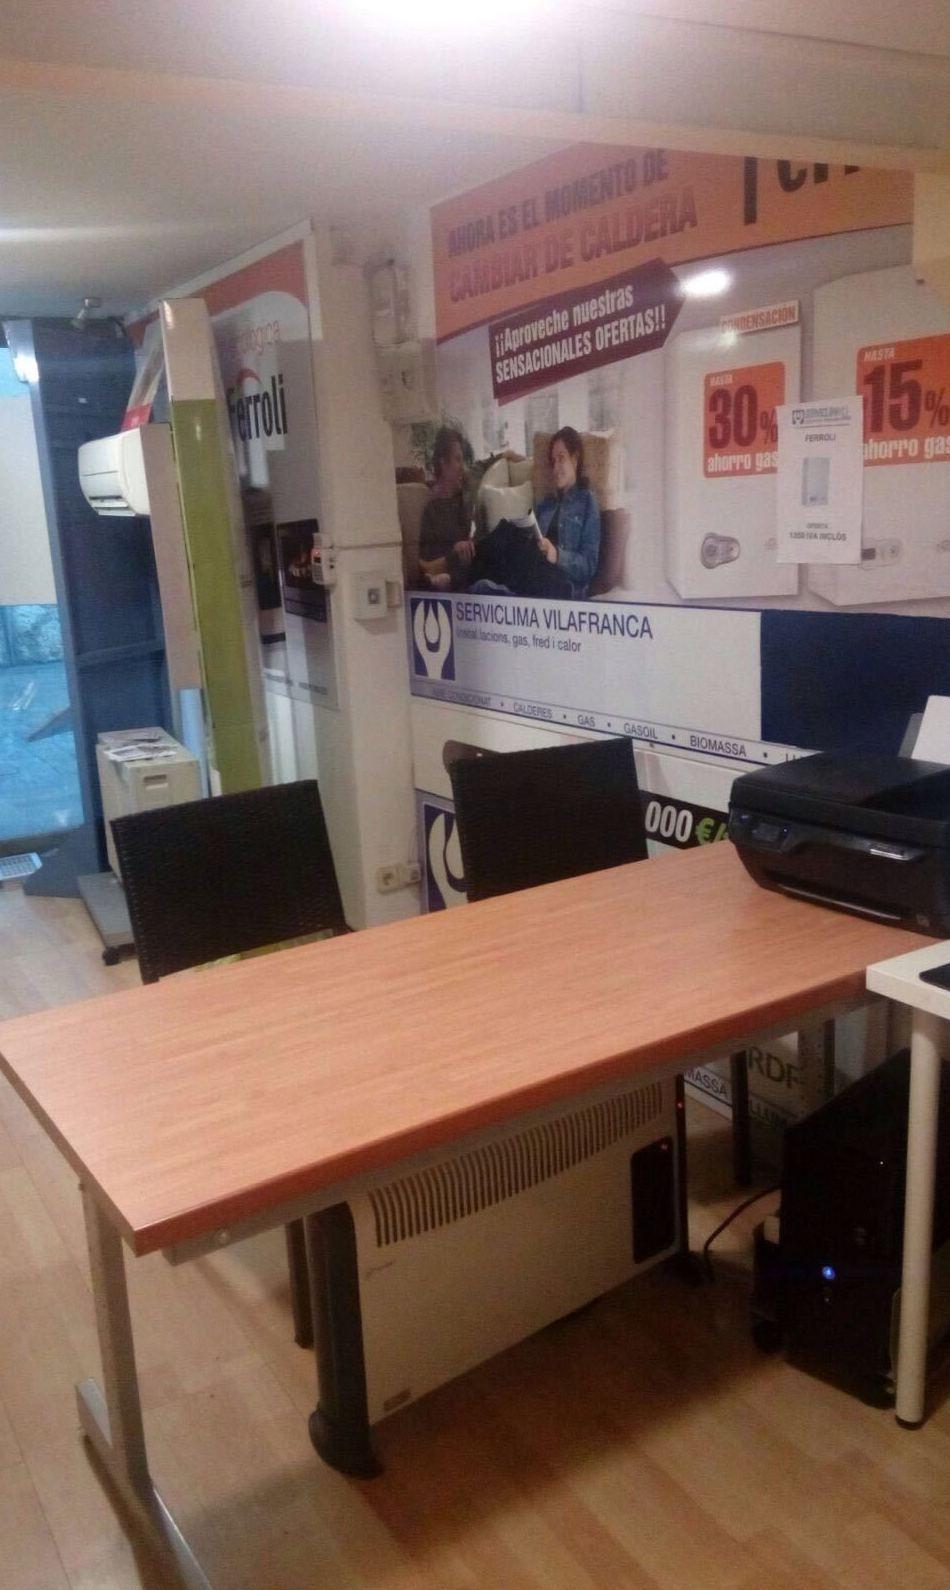 Oficina de Vilafranca del Penedes